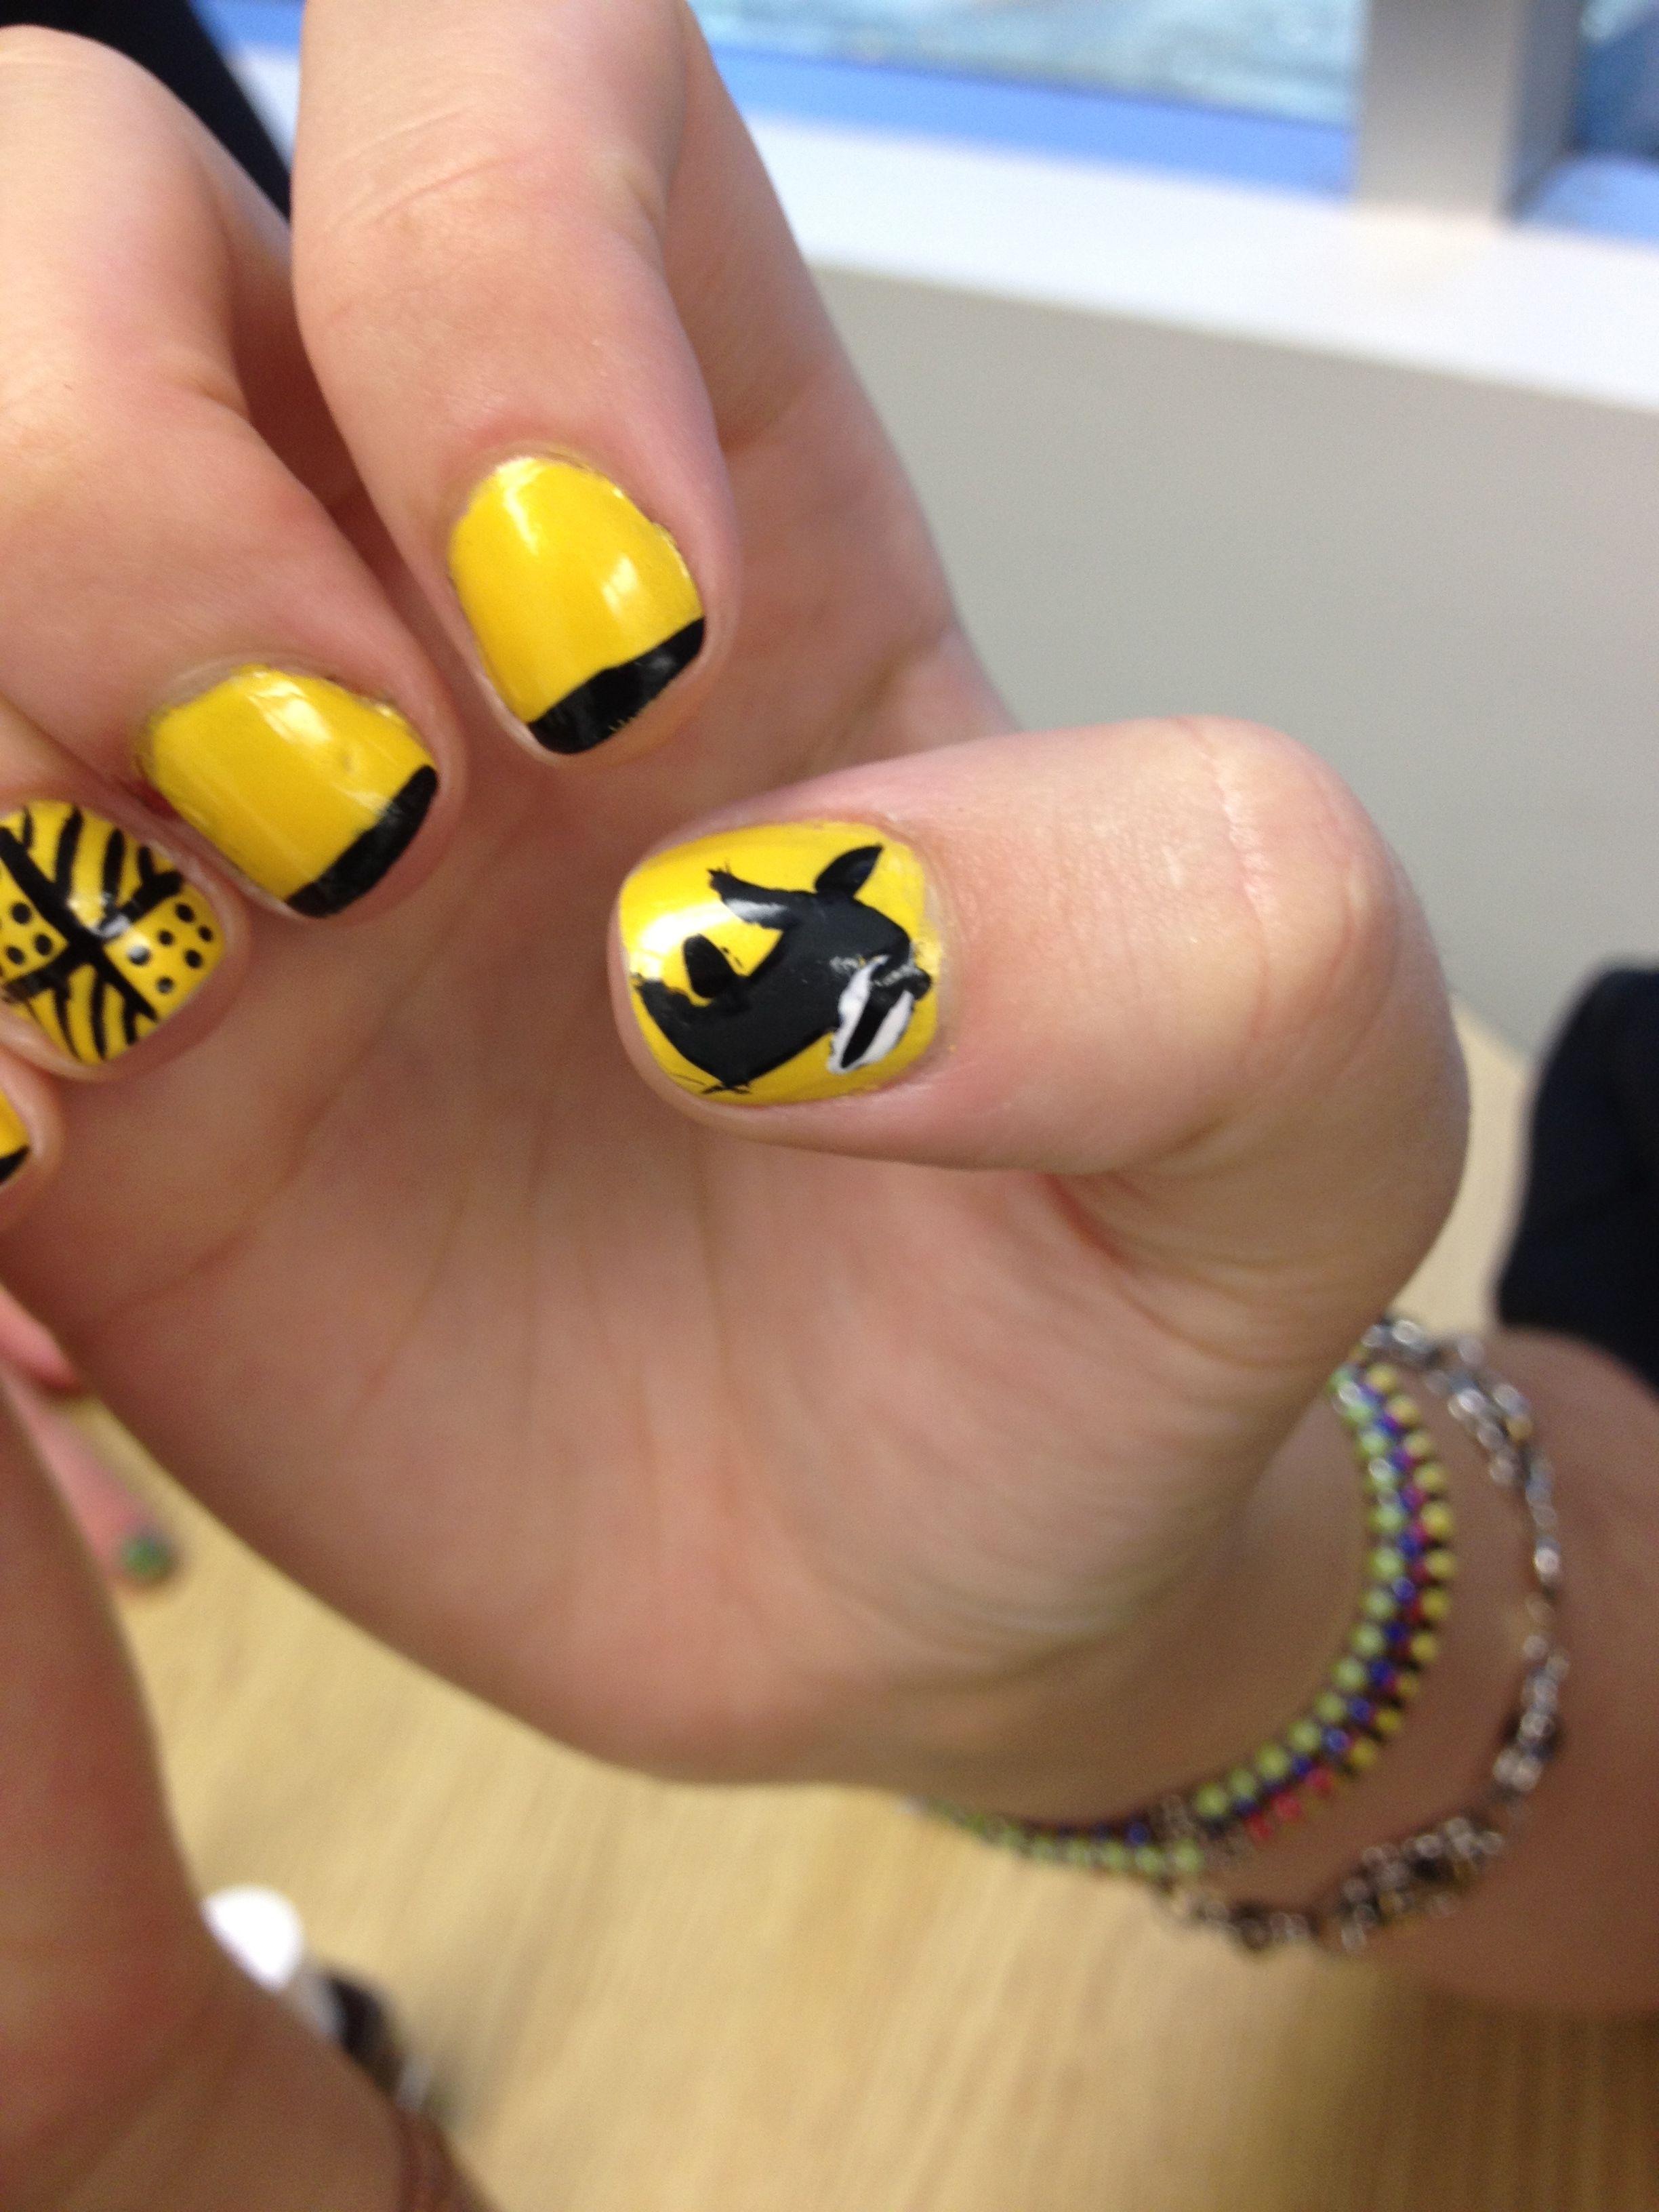 Hufflepuff nails